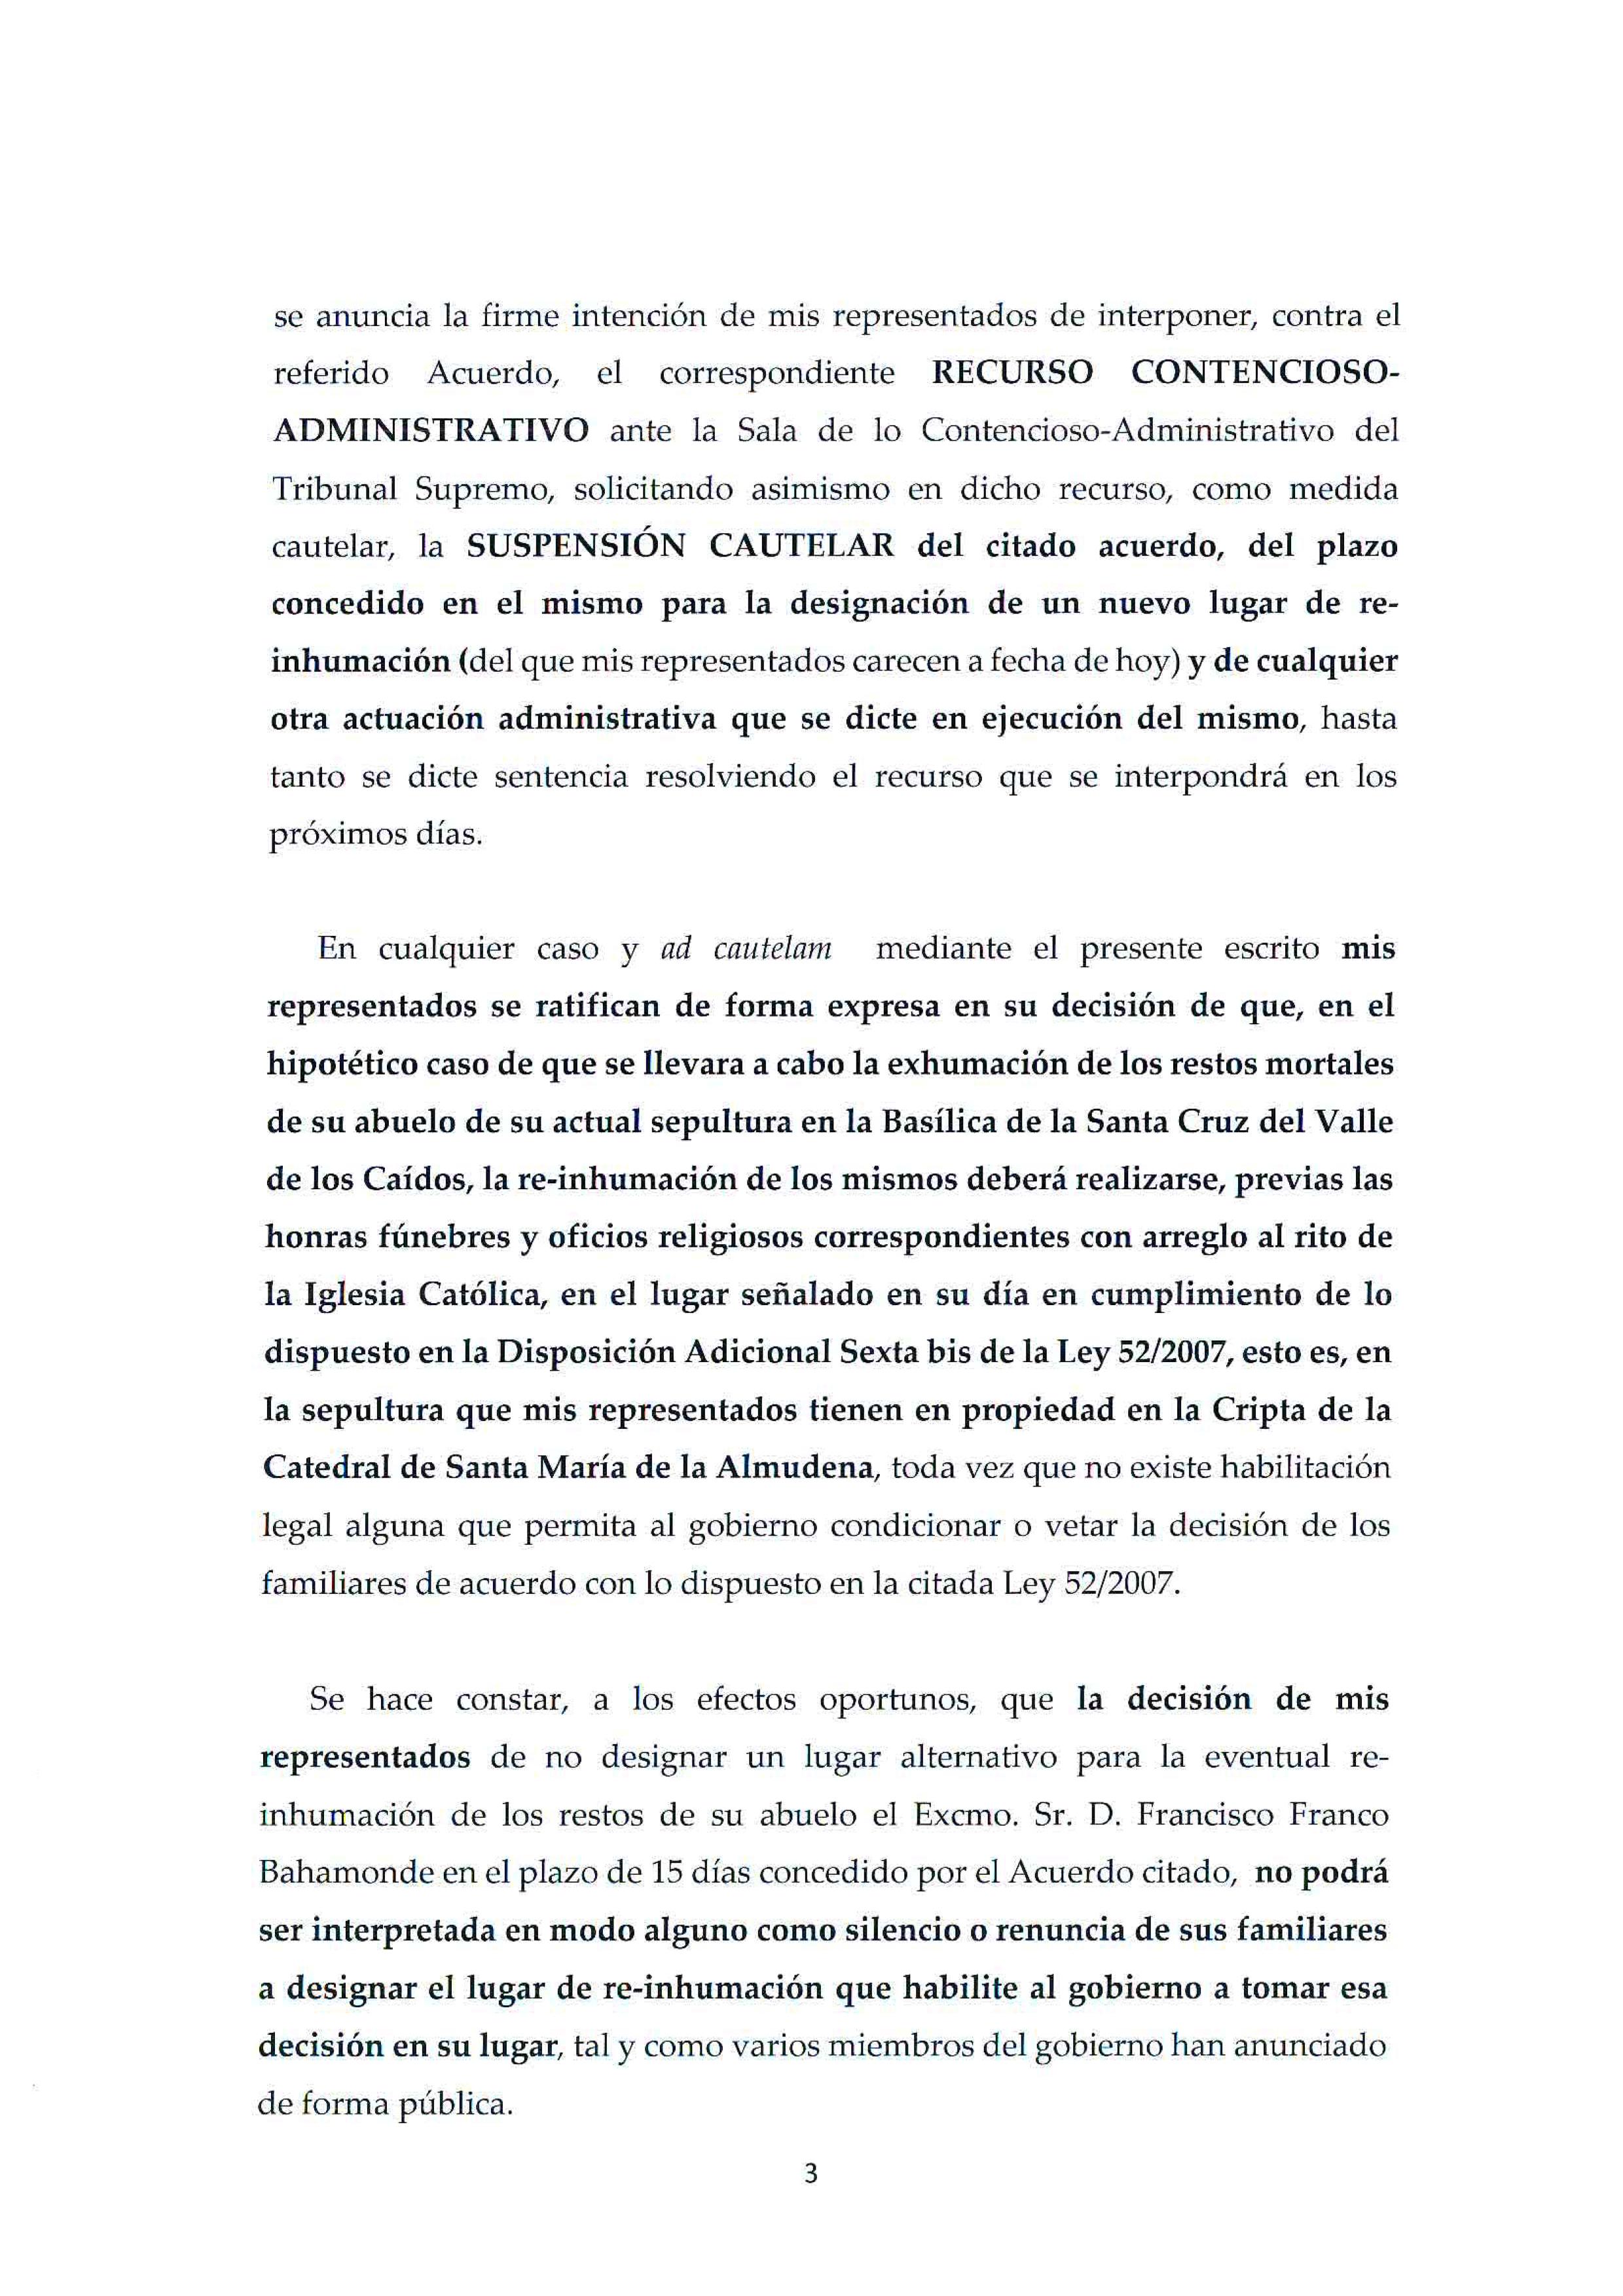 Escrito_al_Consejo_de_Ministros_anunciando_interposición_de_RCA_07.03_-_3